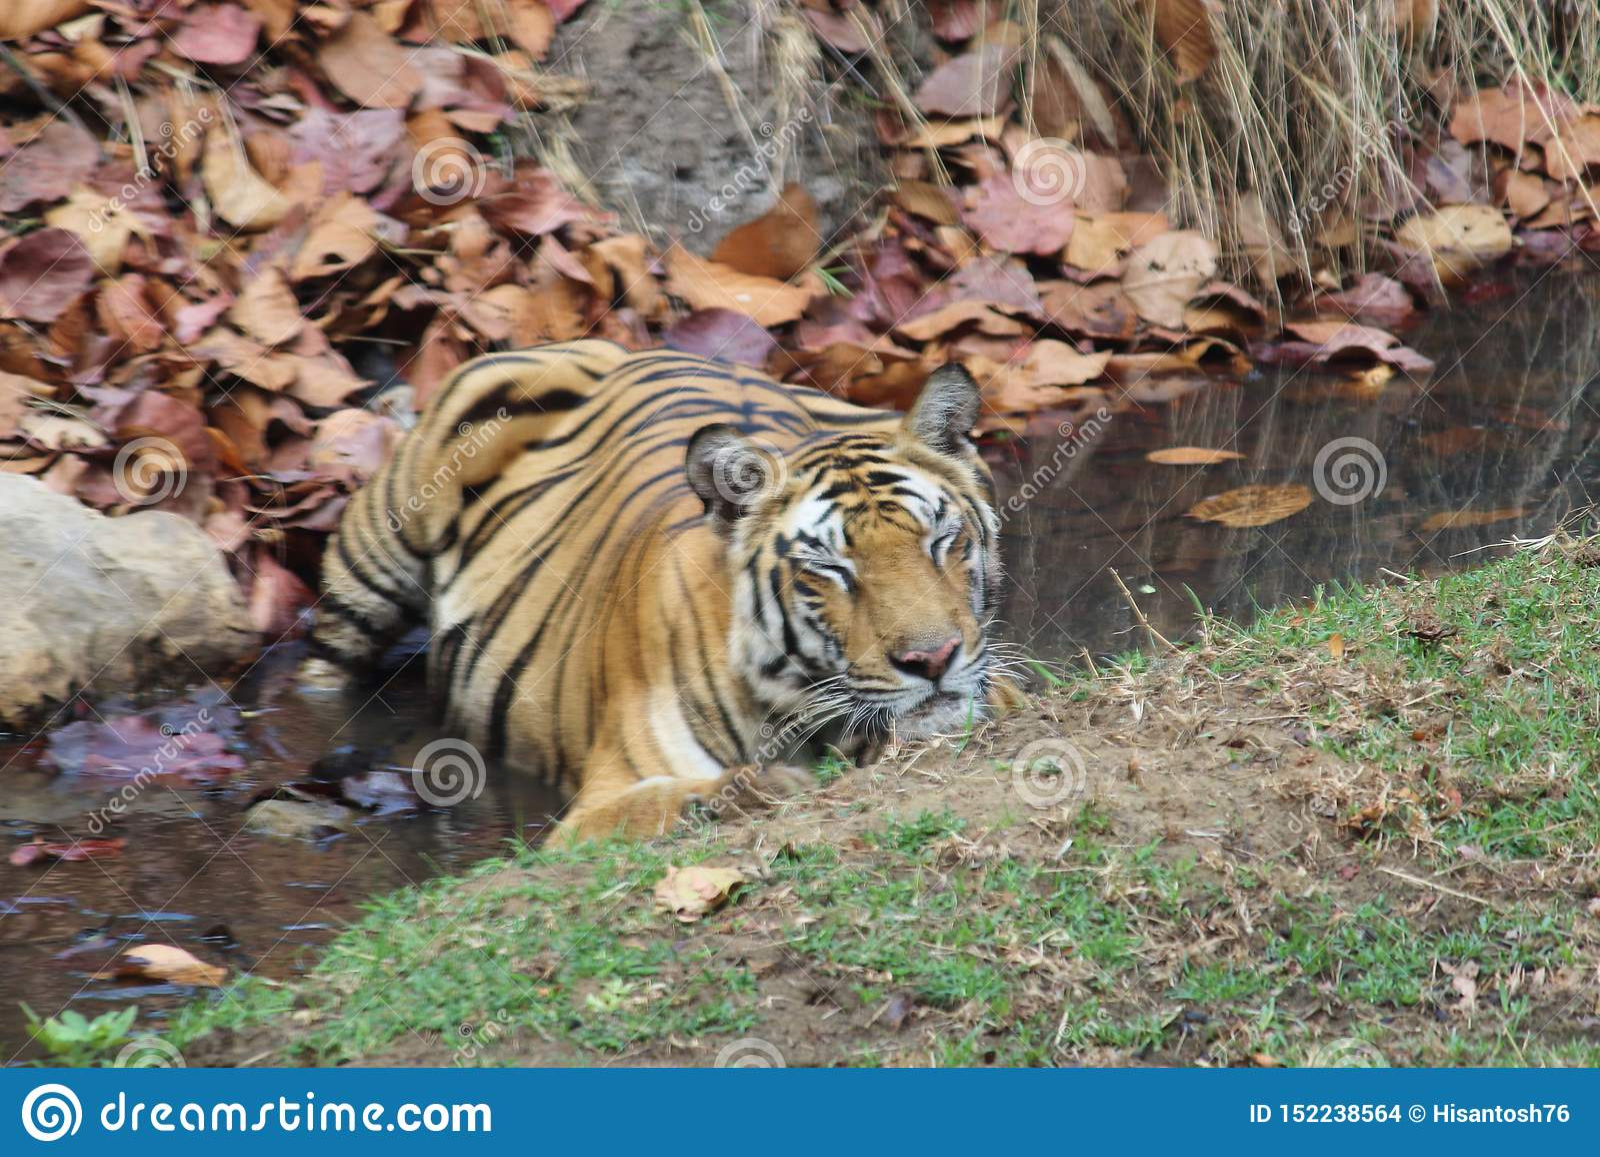 De koningin van tijgerinnen solo 'van de wildernis die in een stroom rust